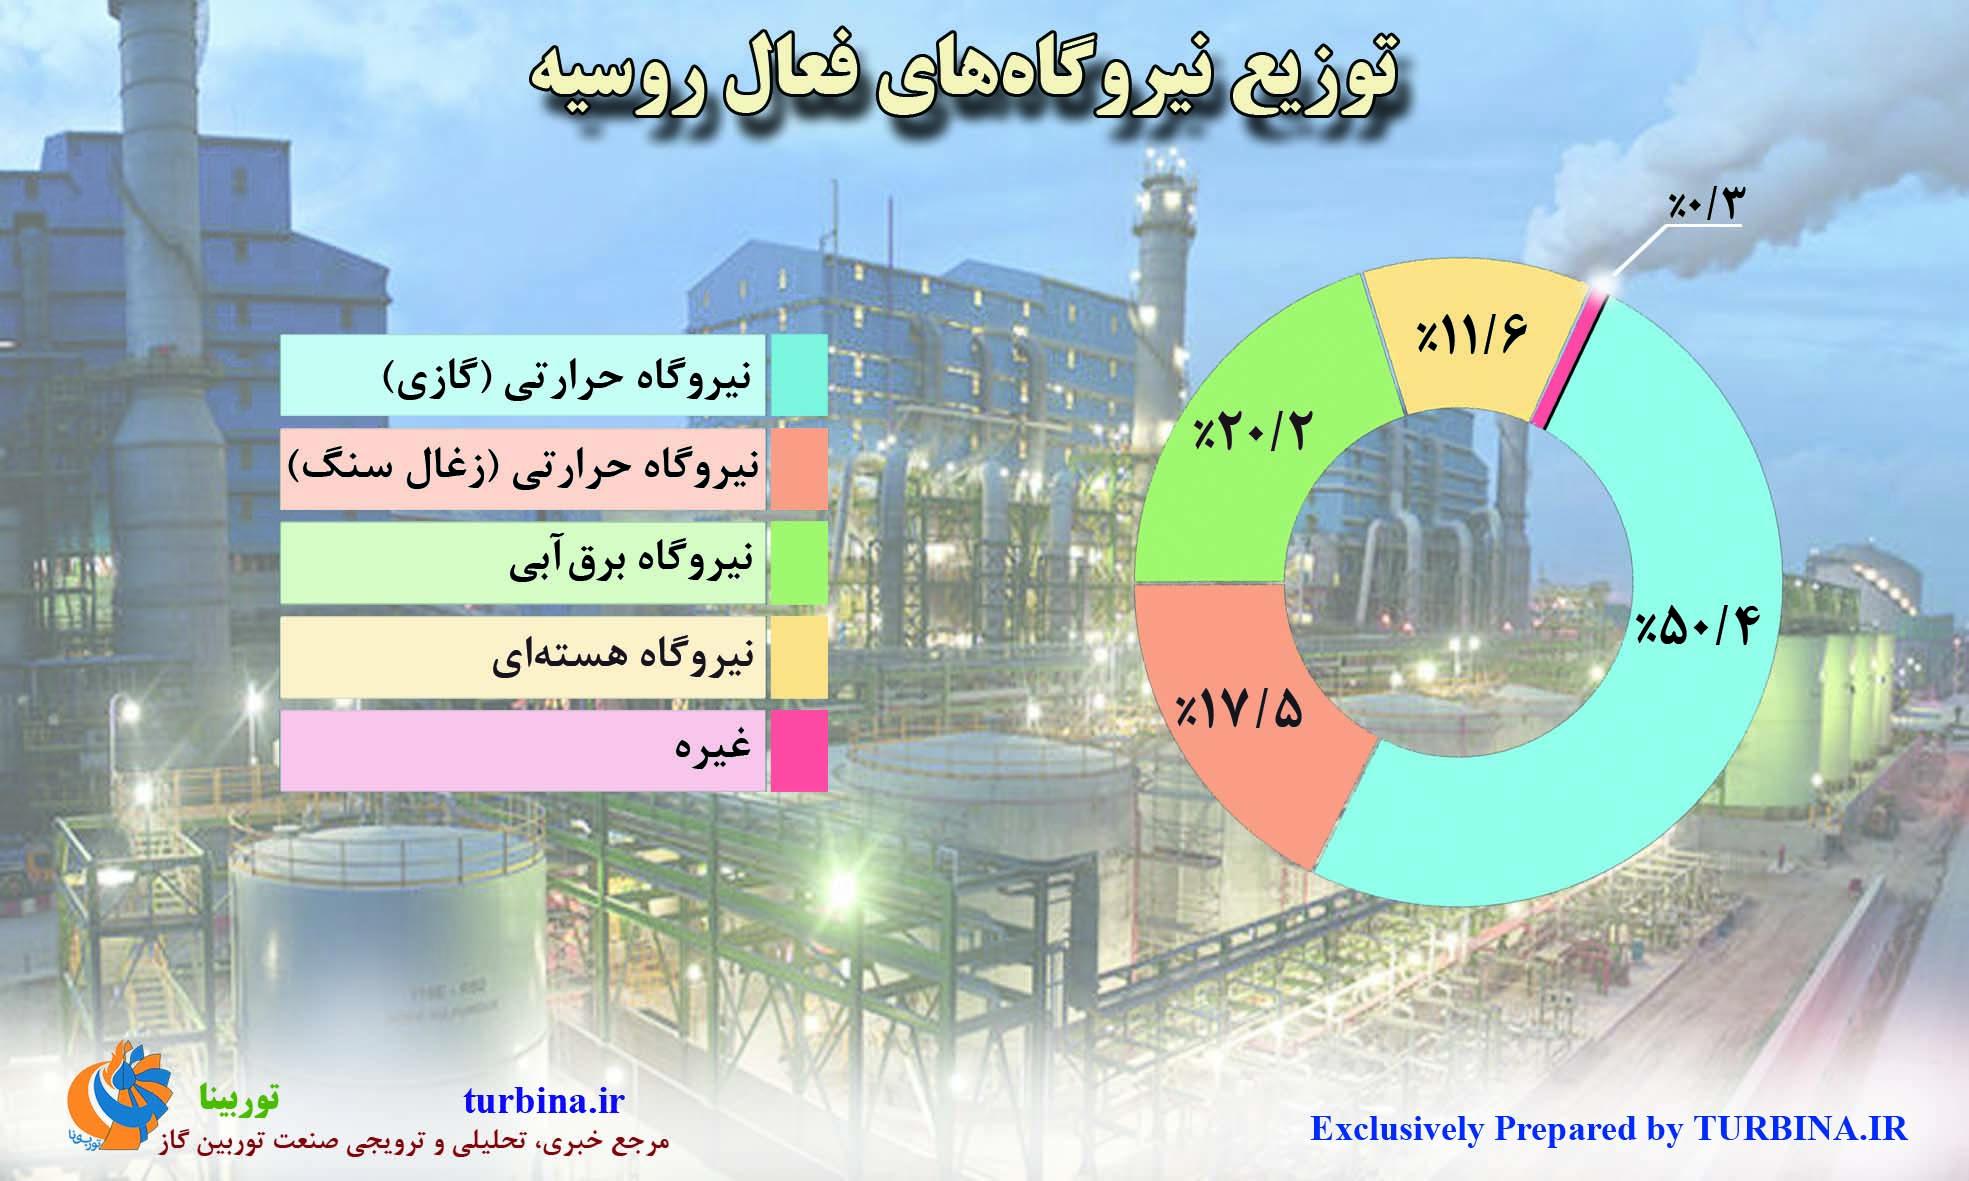 توزیع نیروگاههای فعال روسیه